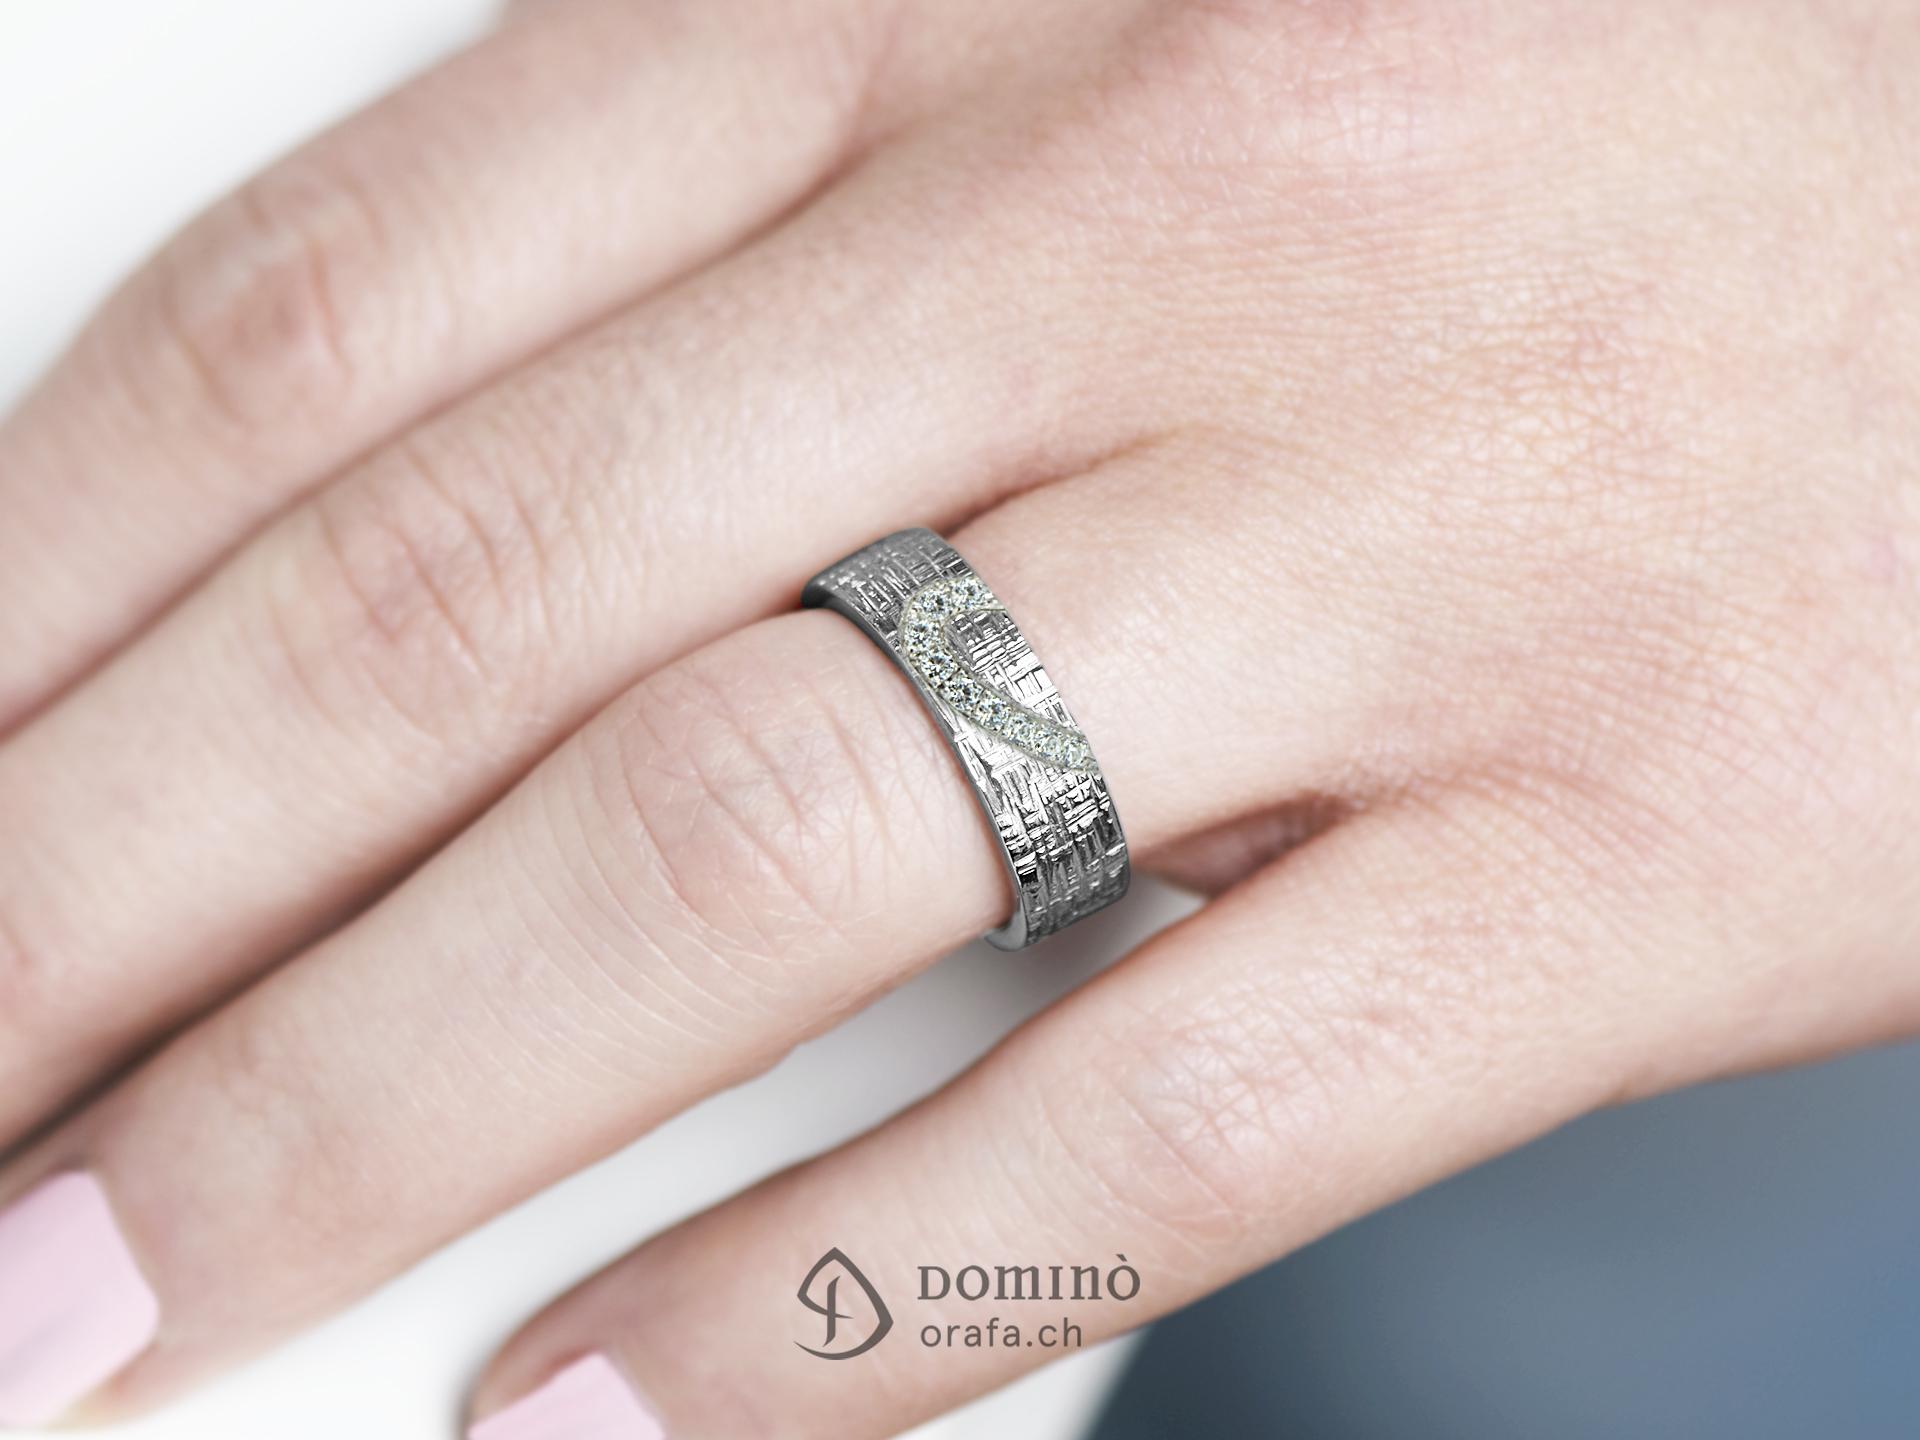 fedi-nuziali-linee-incrociate-contorno-cuore-diamanti-incisione-1